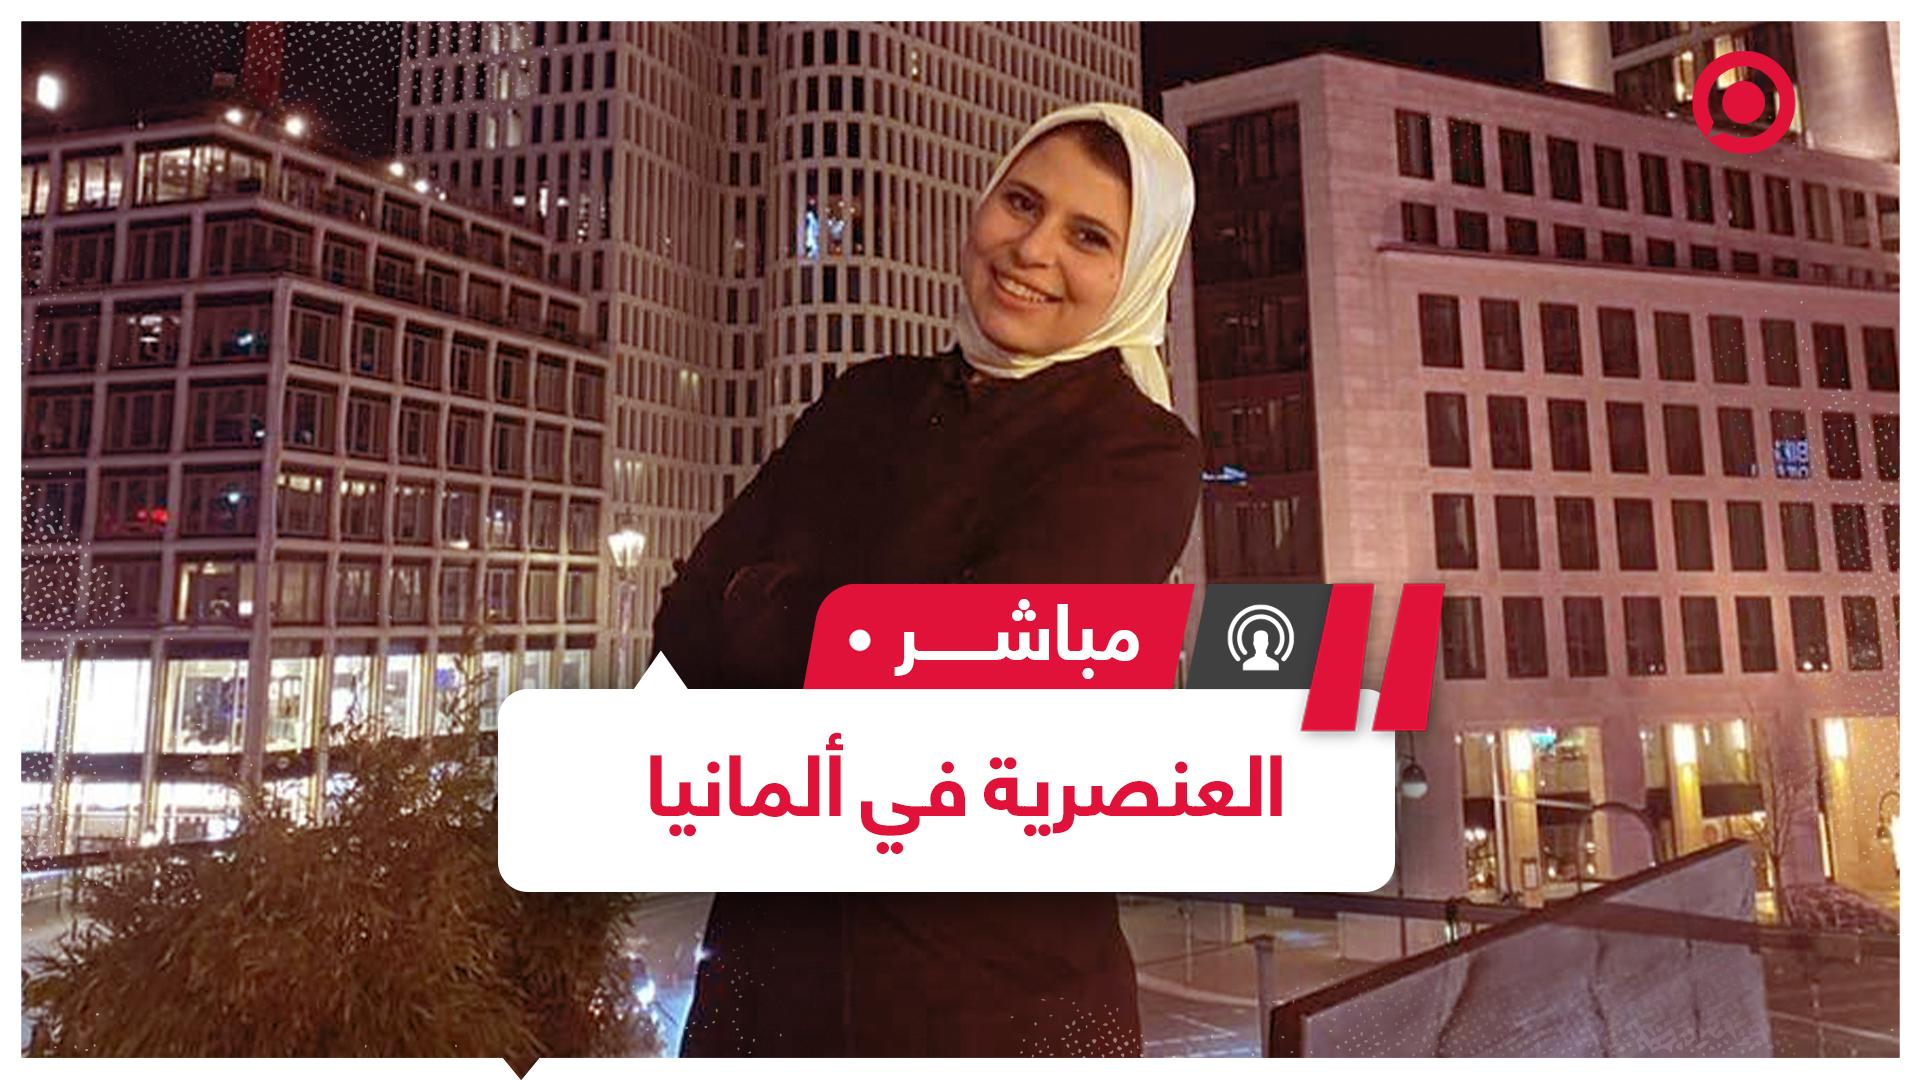 بسبب حجابها.. الشركة ترفض توظيفها مهندسة مصرية تتحدث عن معاناتها في ألمانيا